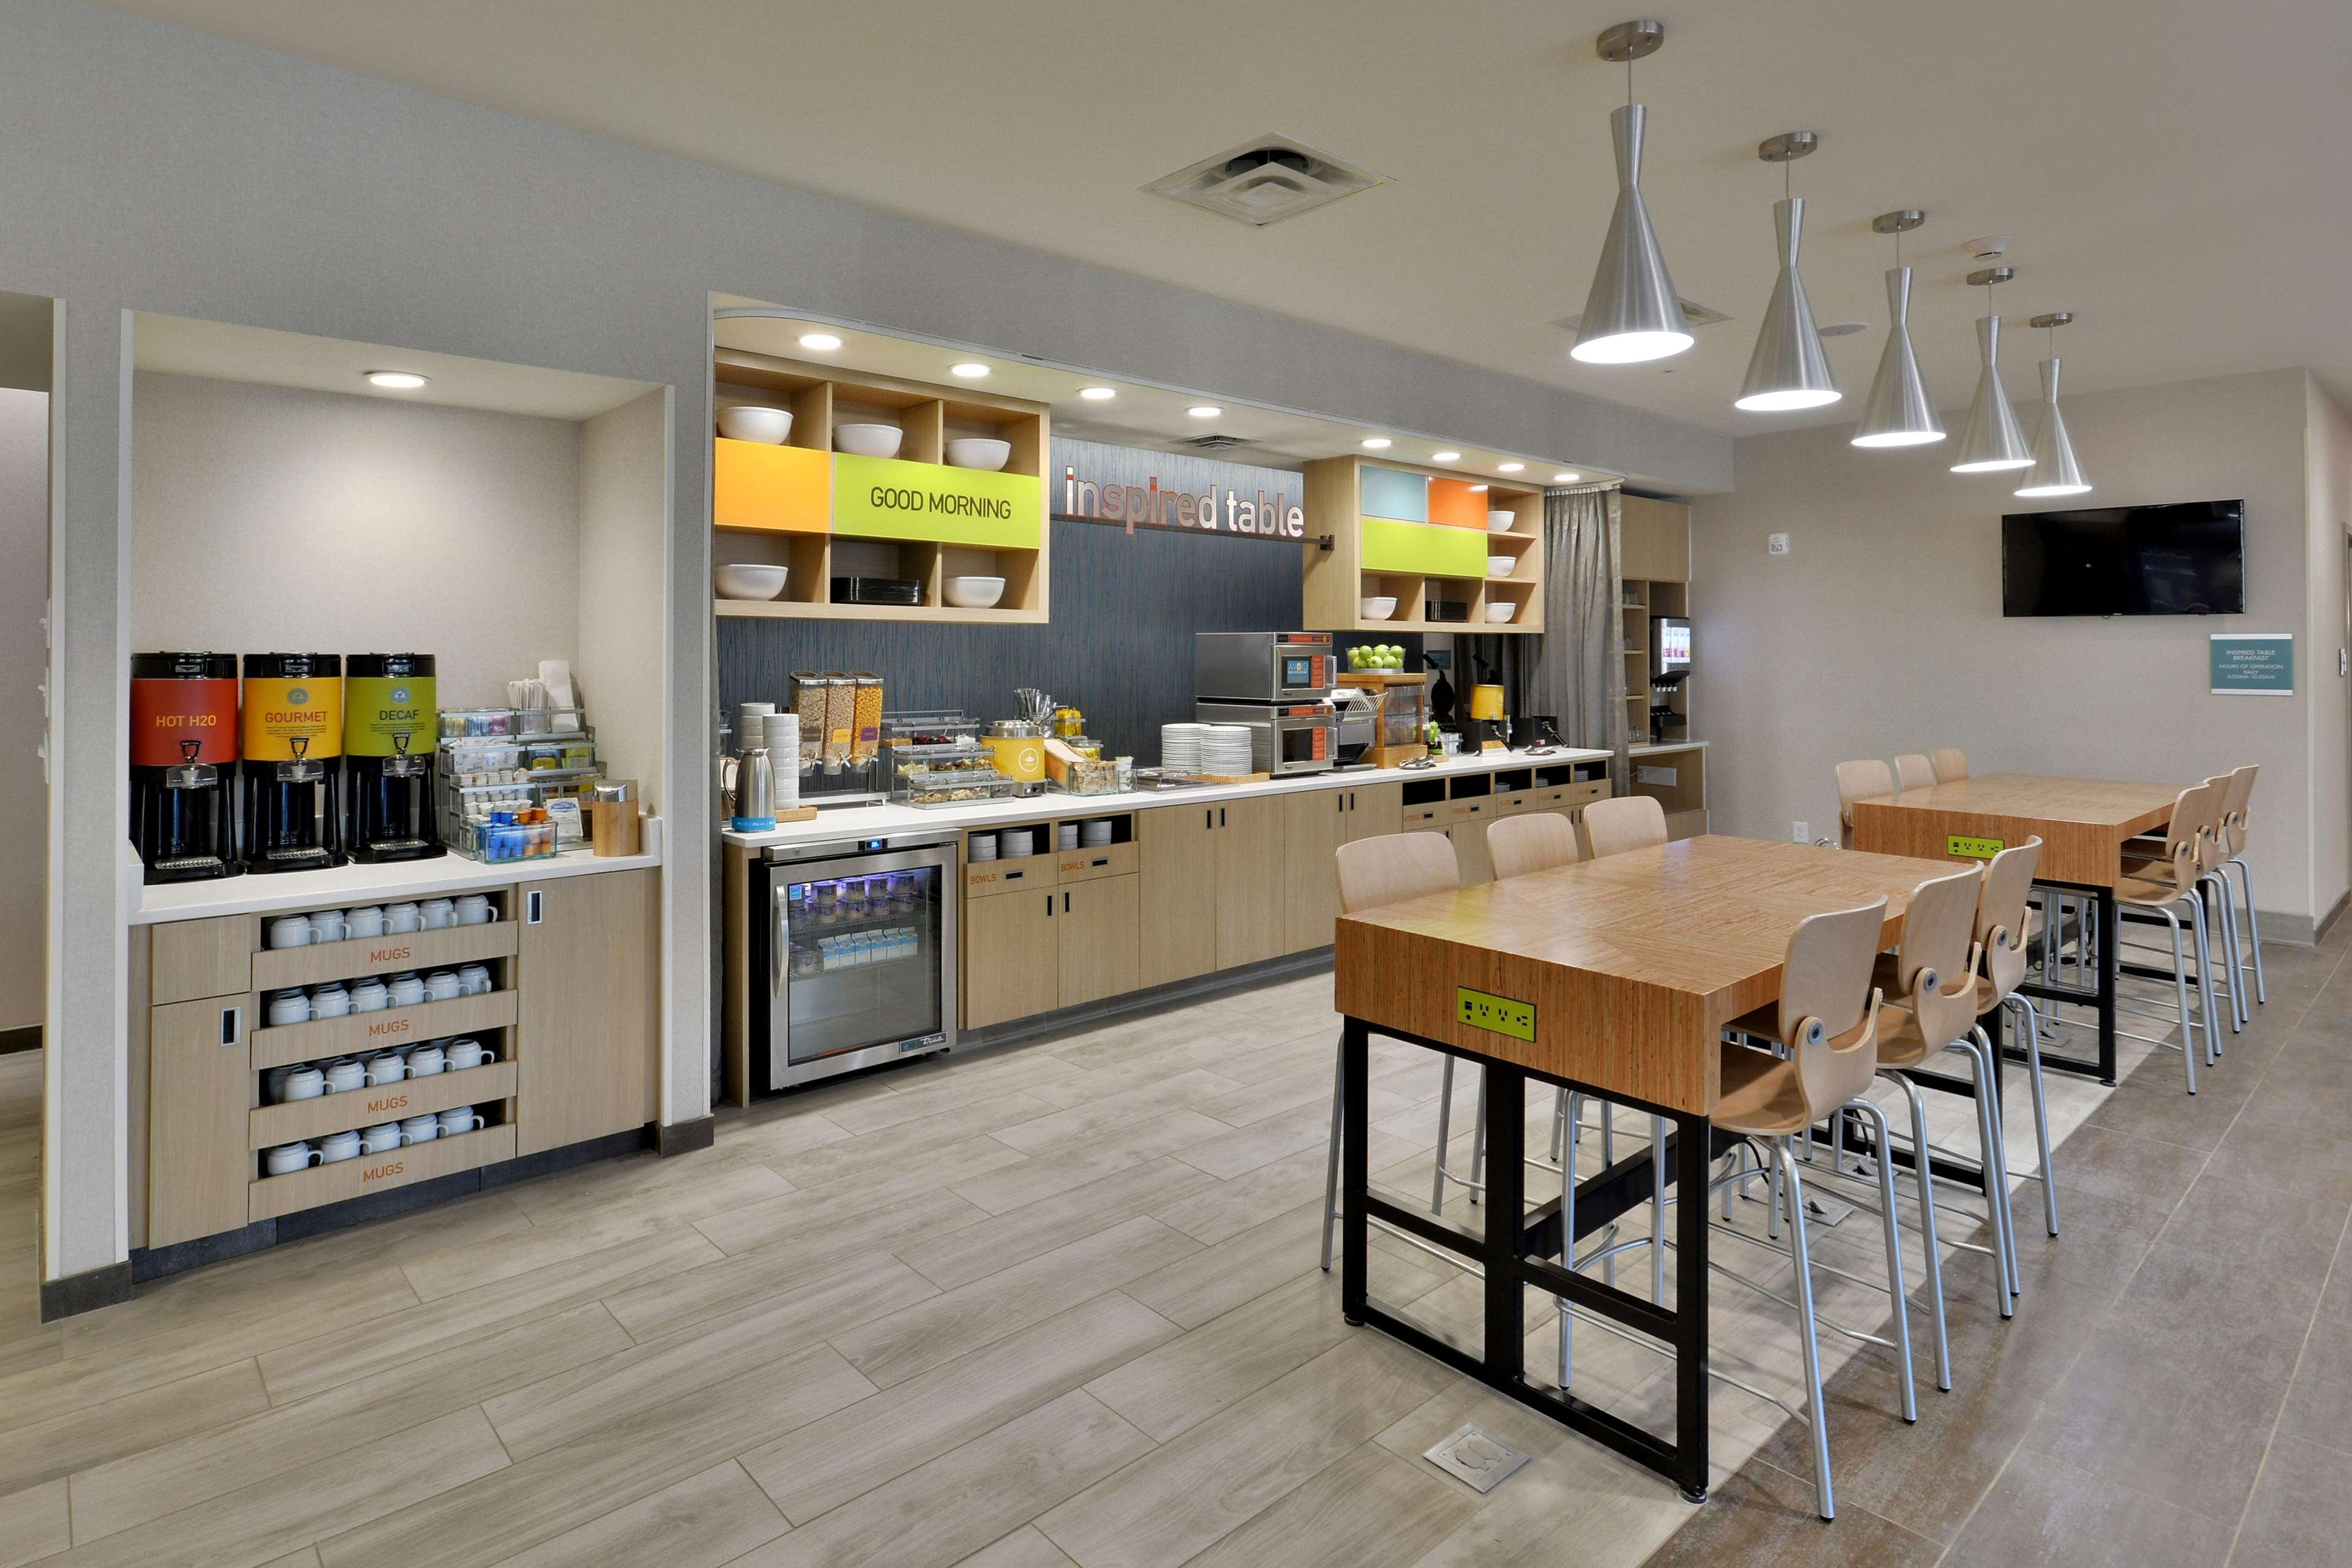 Home2 Suites by Hilton Duncan image 9